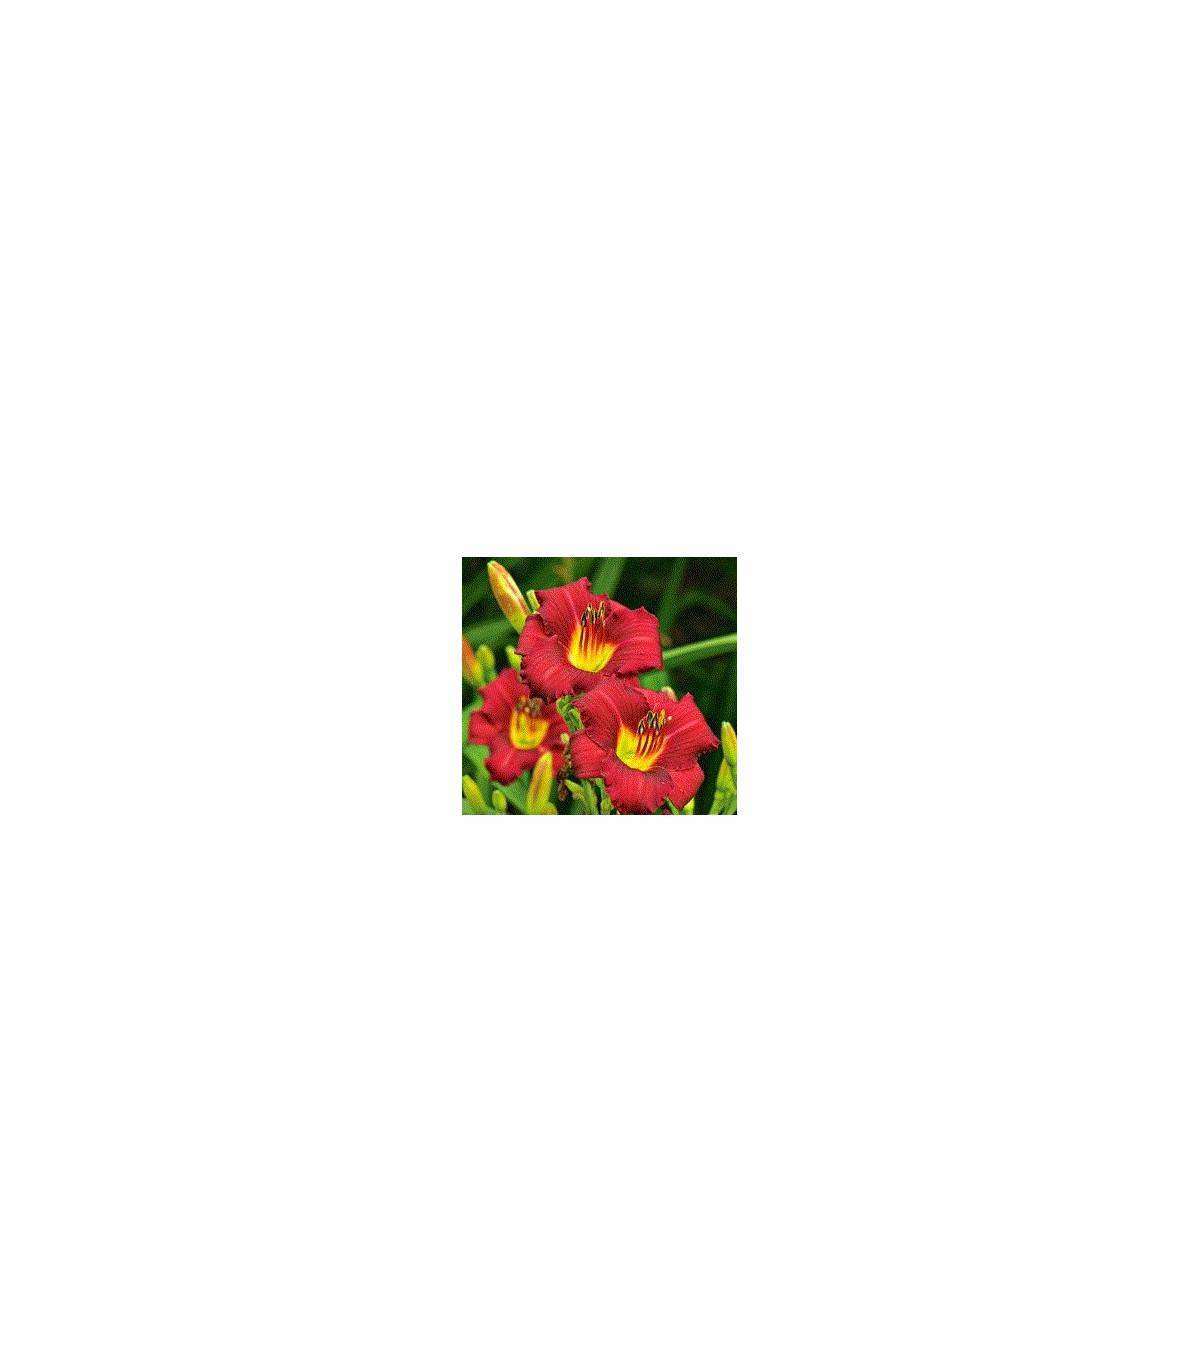 Denivka - Hemerocallis - hľúzovité korene ľaliovky - 1 ks